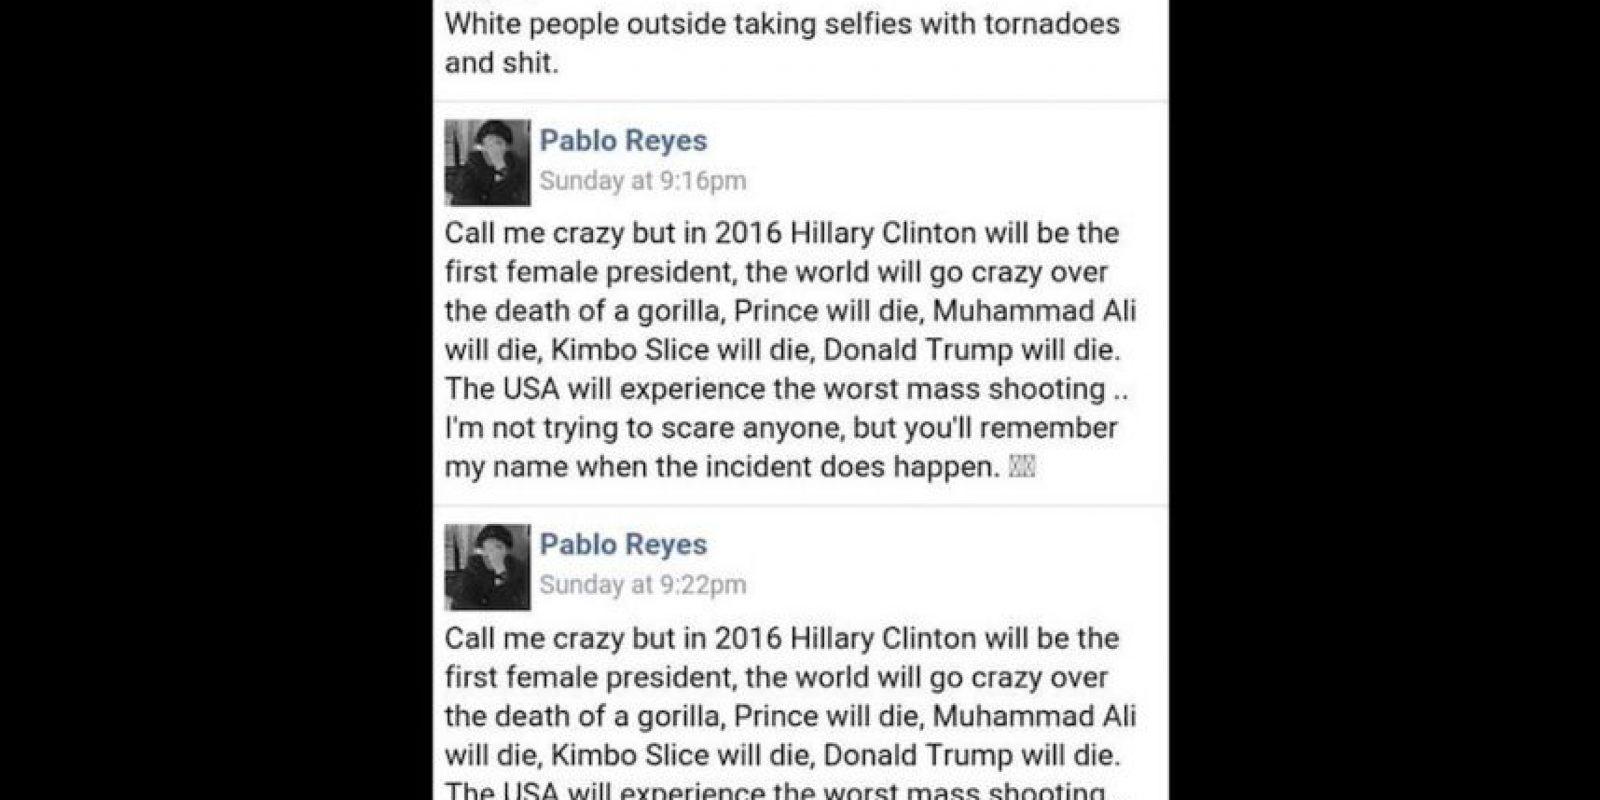 Pero todo se trató de un truco para demostrar que la gente se puede creer cualquier cosa. Foto:Facebook Pablo Reyes